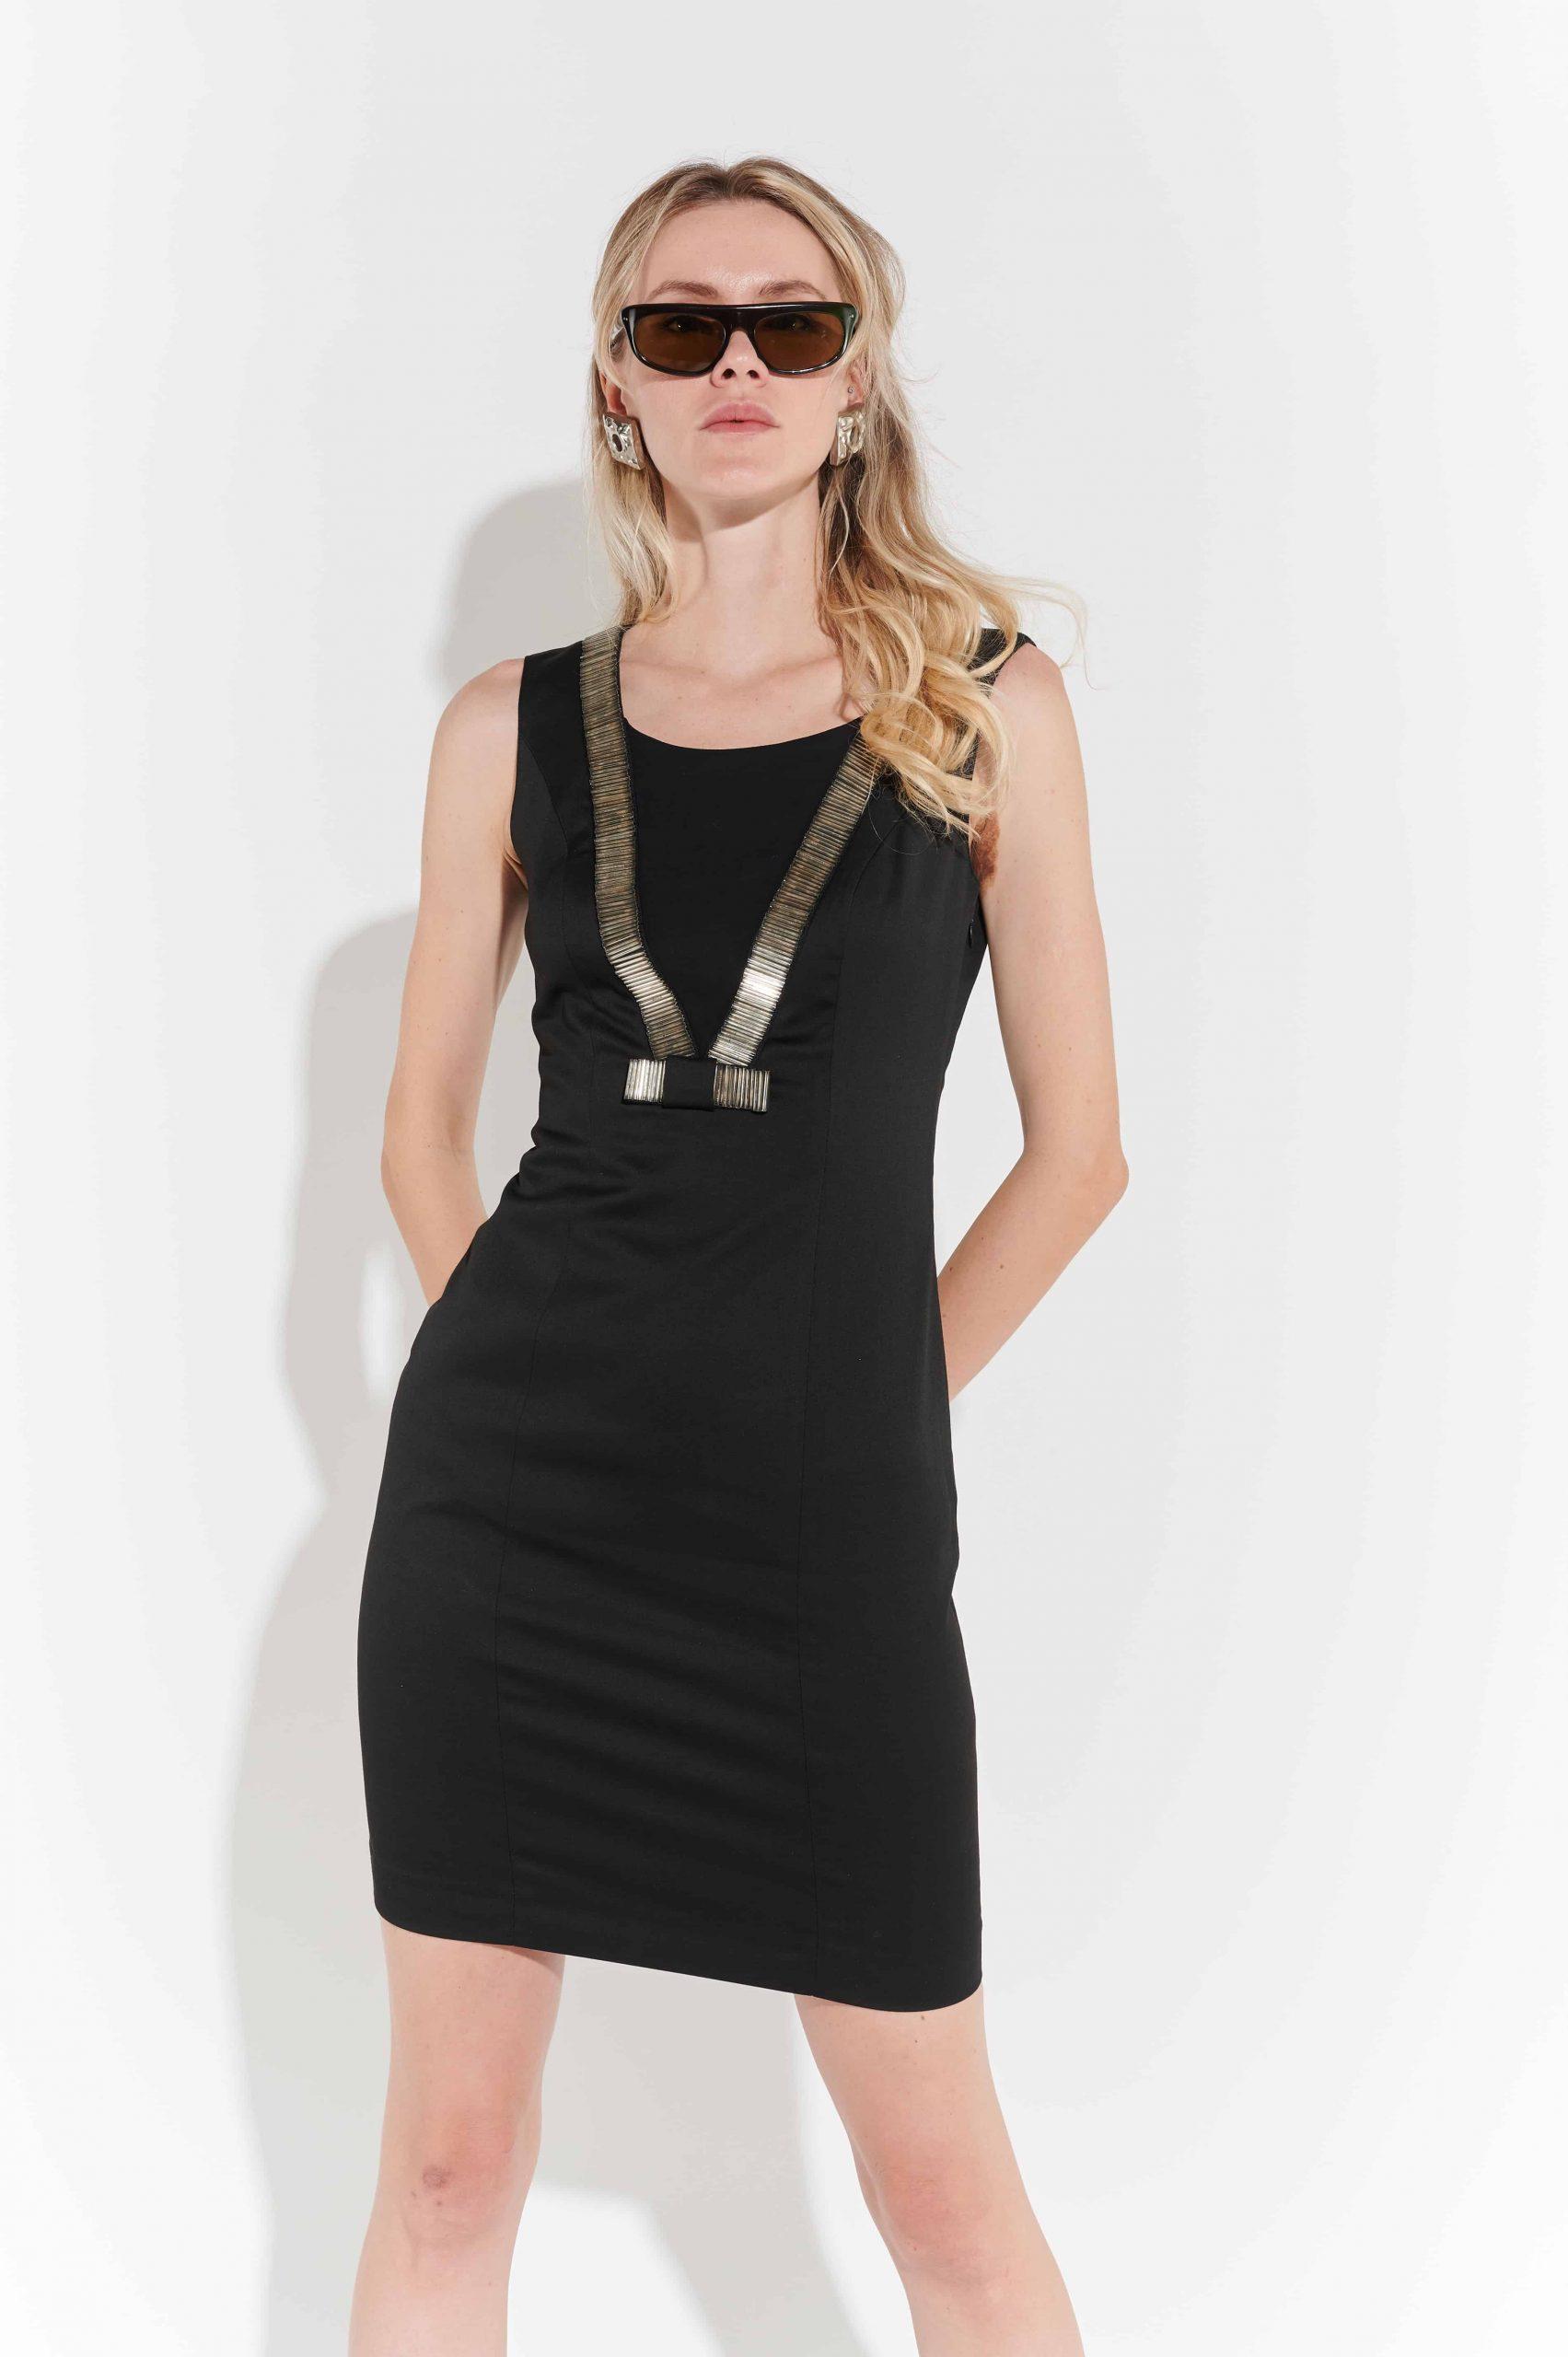 90lar kolsuz streç kumaş, V şeklinde gümüş rengi işlemeli diz üstü elbise